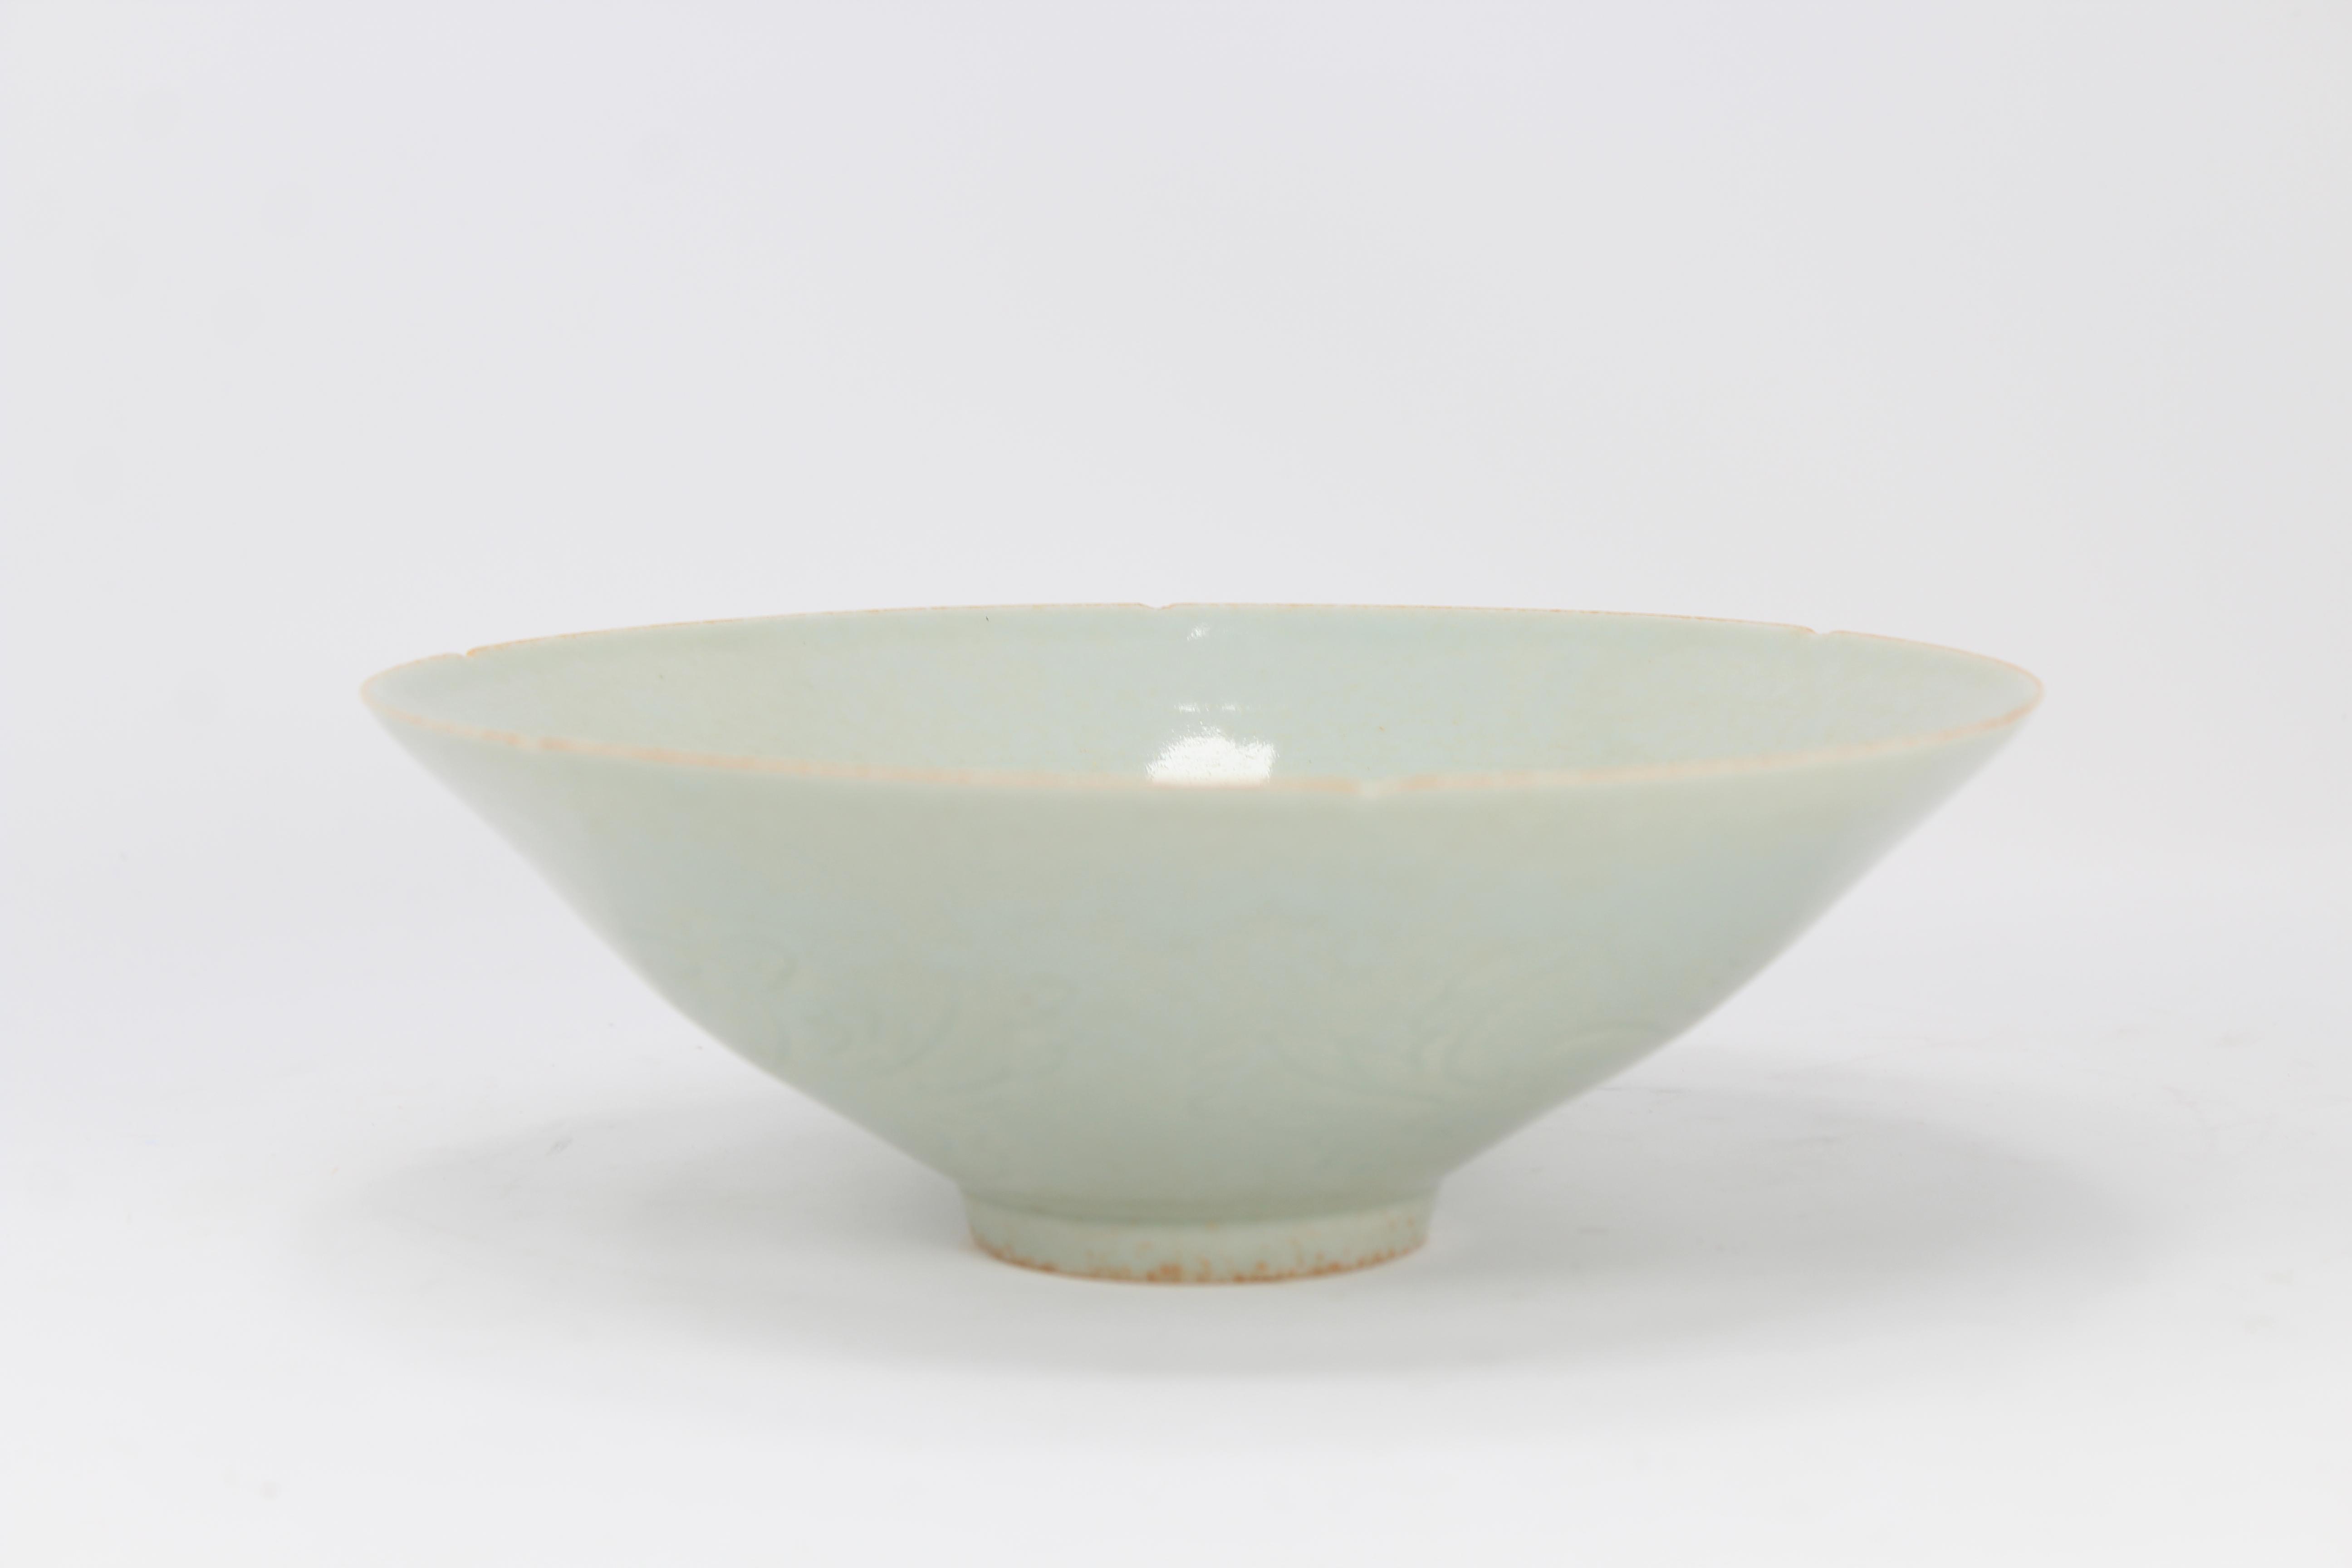 Lot 50 - Chinese Song Dynasty Qingbai Ware Bowl